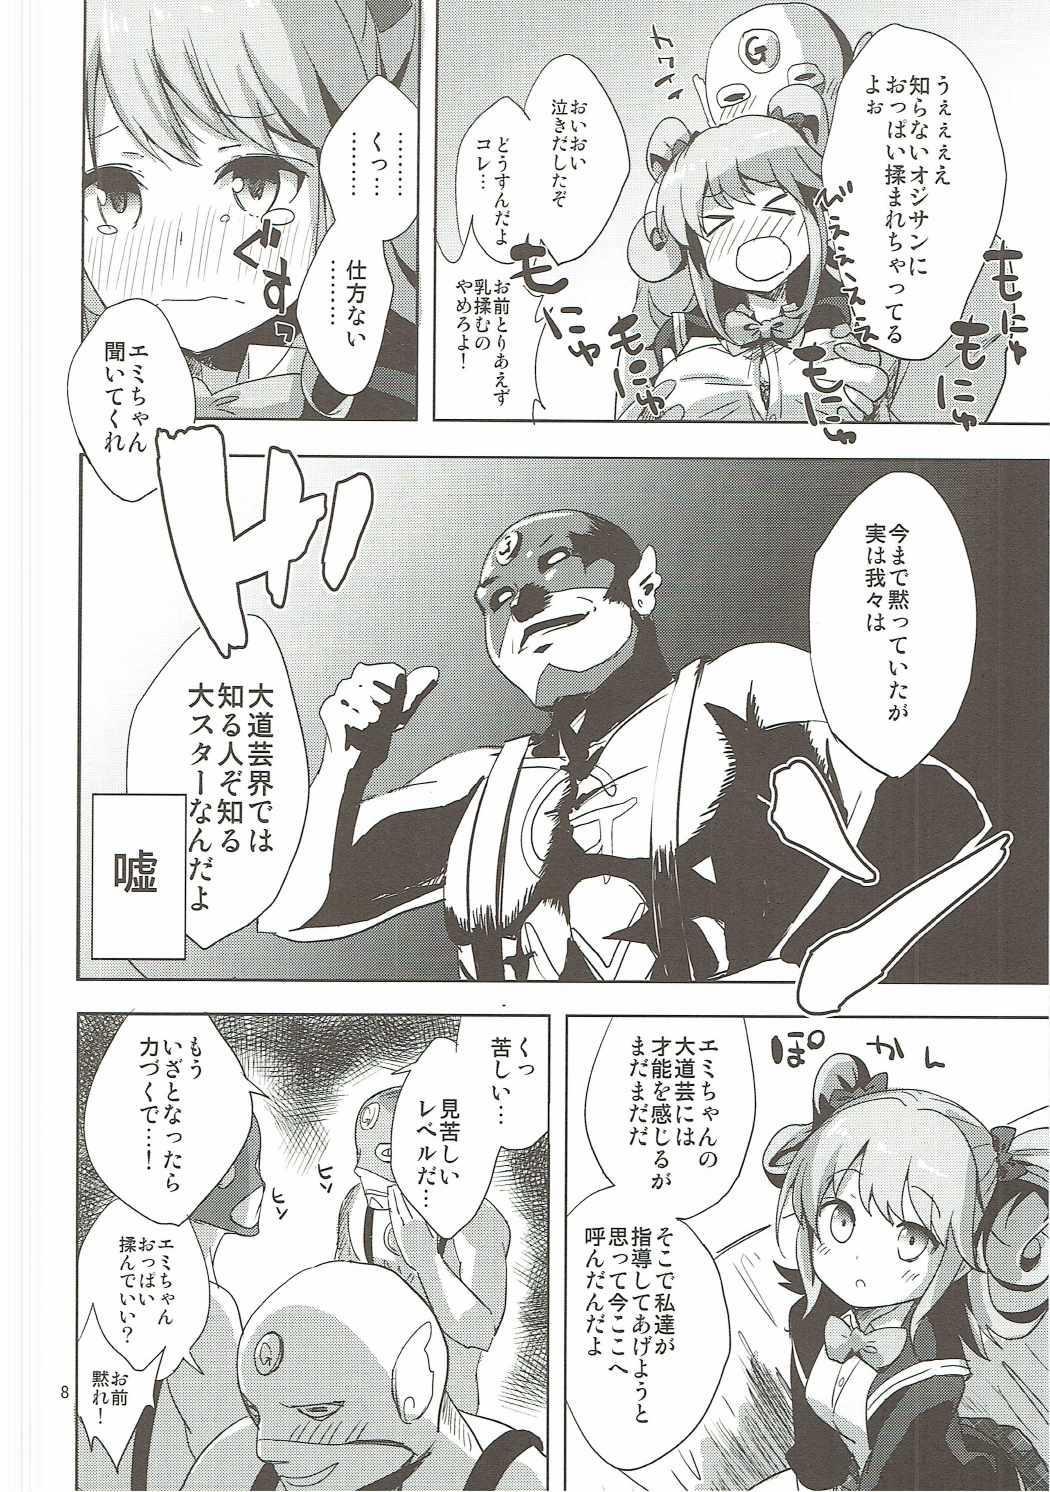 Machi de Mikaketa Kyonyuu Performer Sagara Emi-chan ga Chou Ero Kawaikatta node Damashite Love Hotel ni Tsurekonde Nakadashi Sex Shichau Hon 6